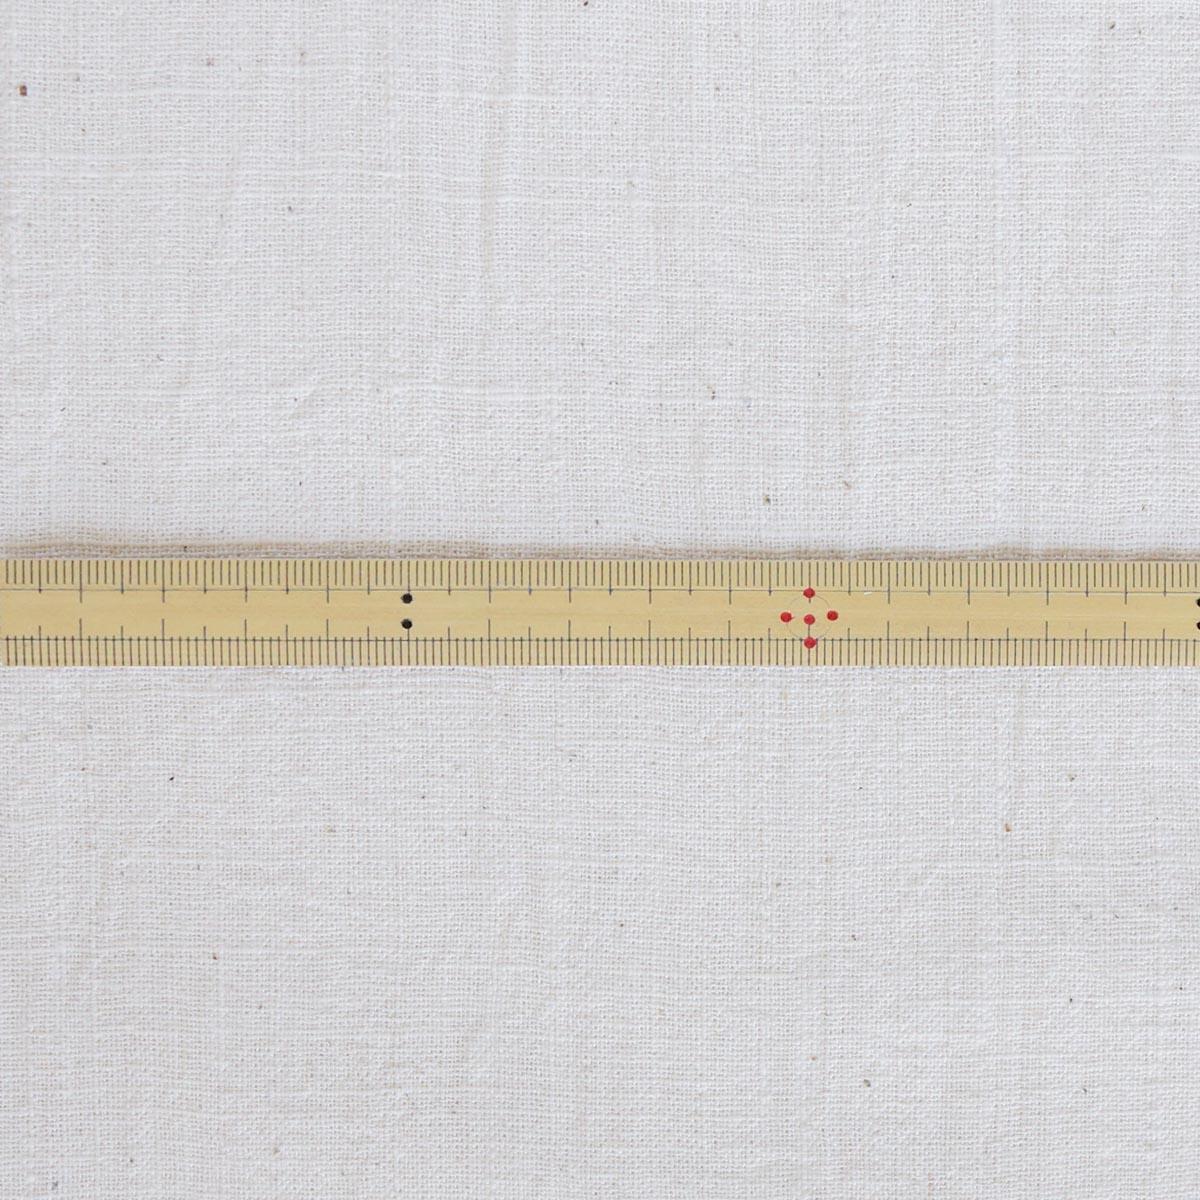 ガラ紡317/1細番手平織り